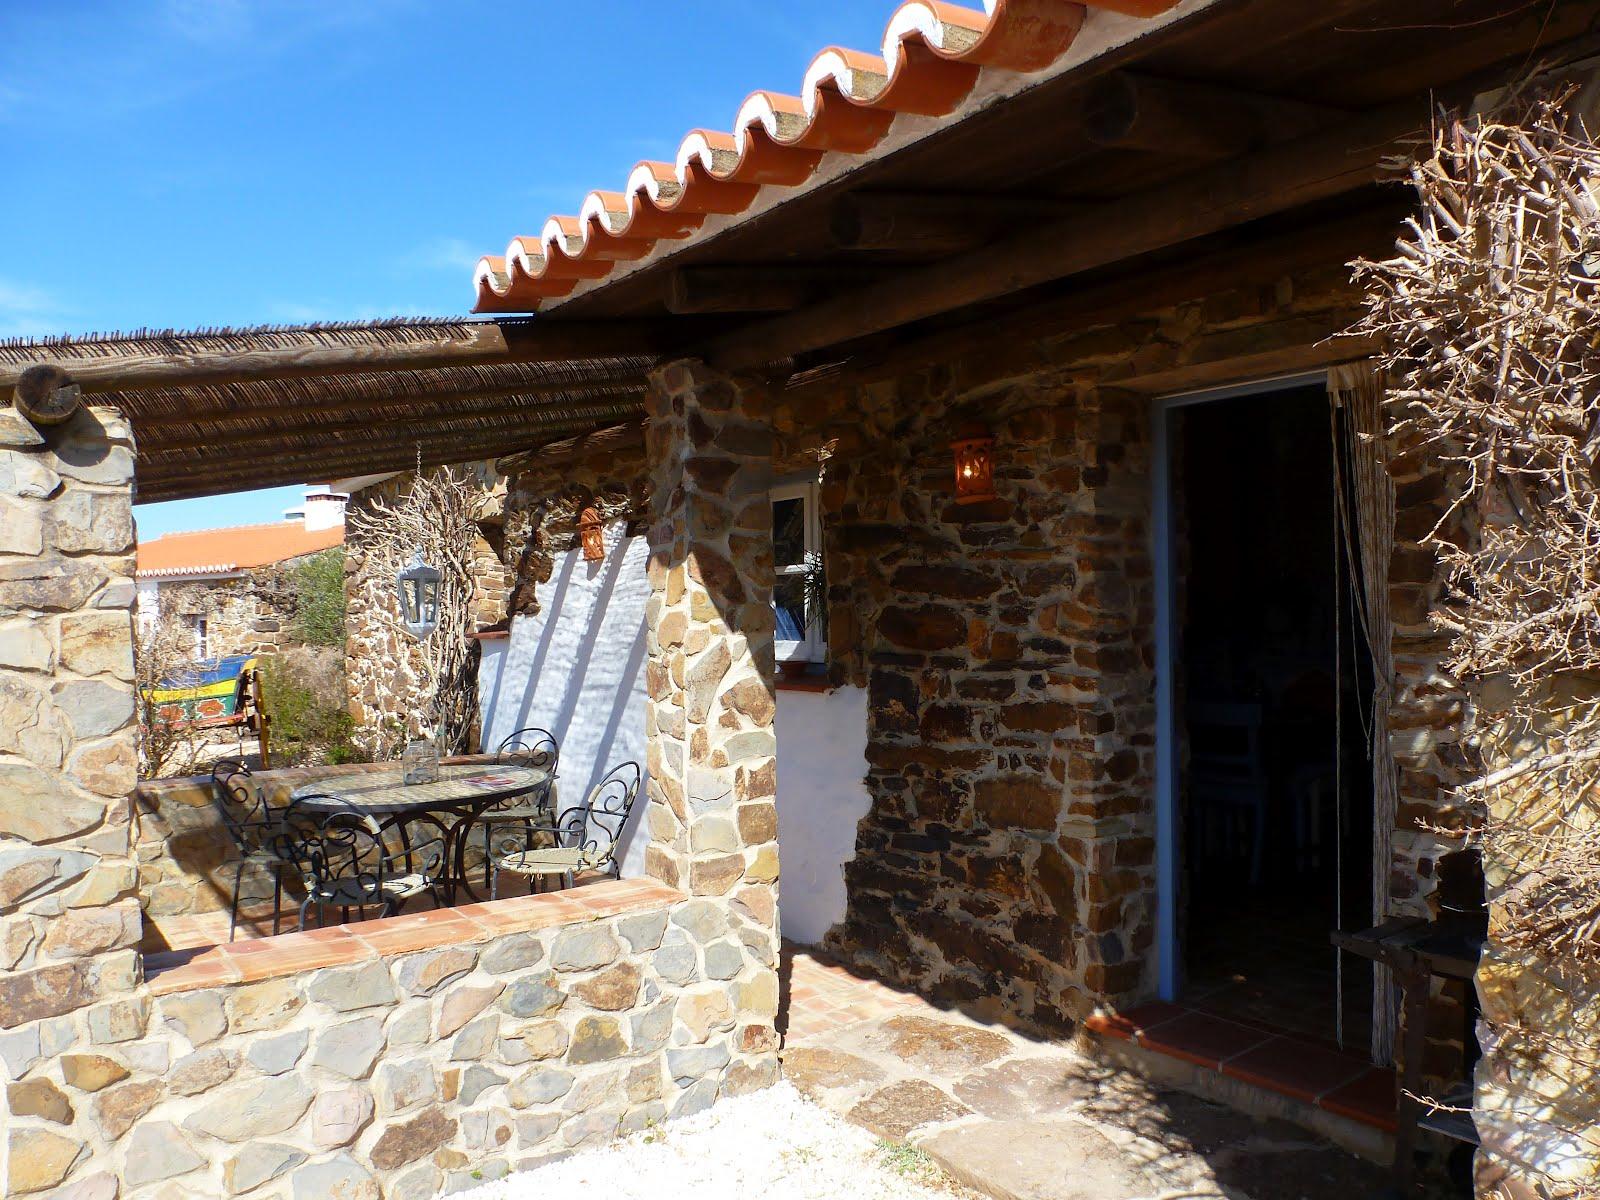 El portal de susana 02 01 2012 03 01 2012 - Fotos de viviendas ...